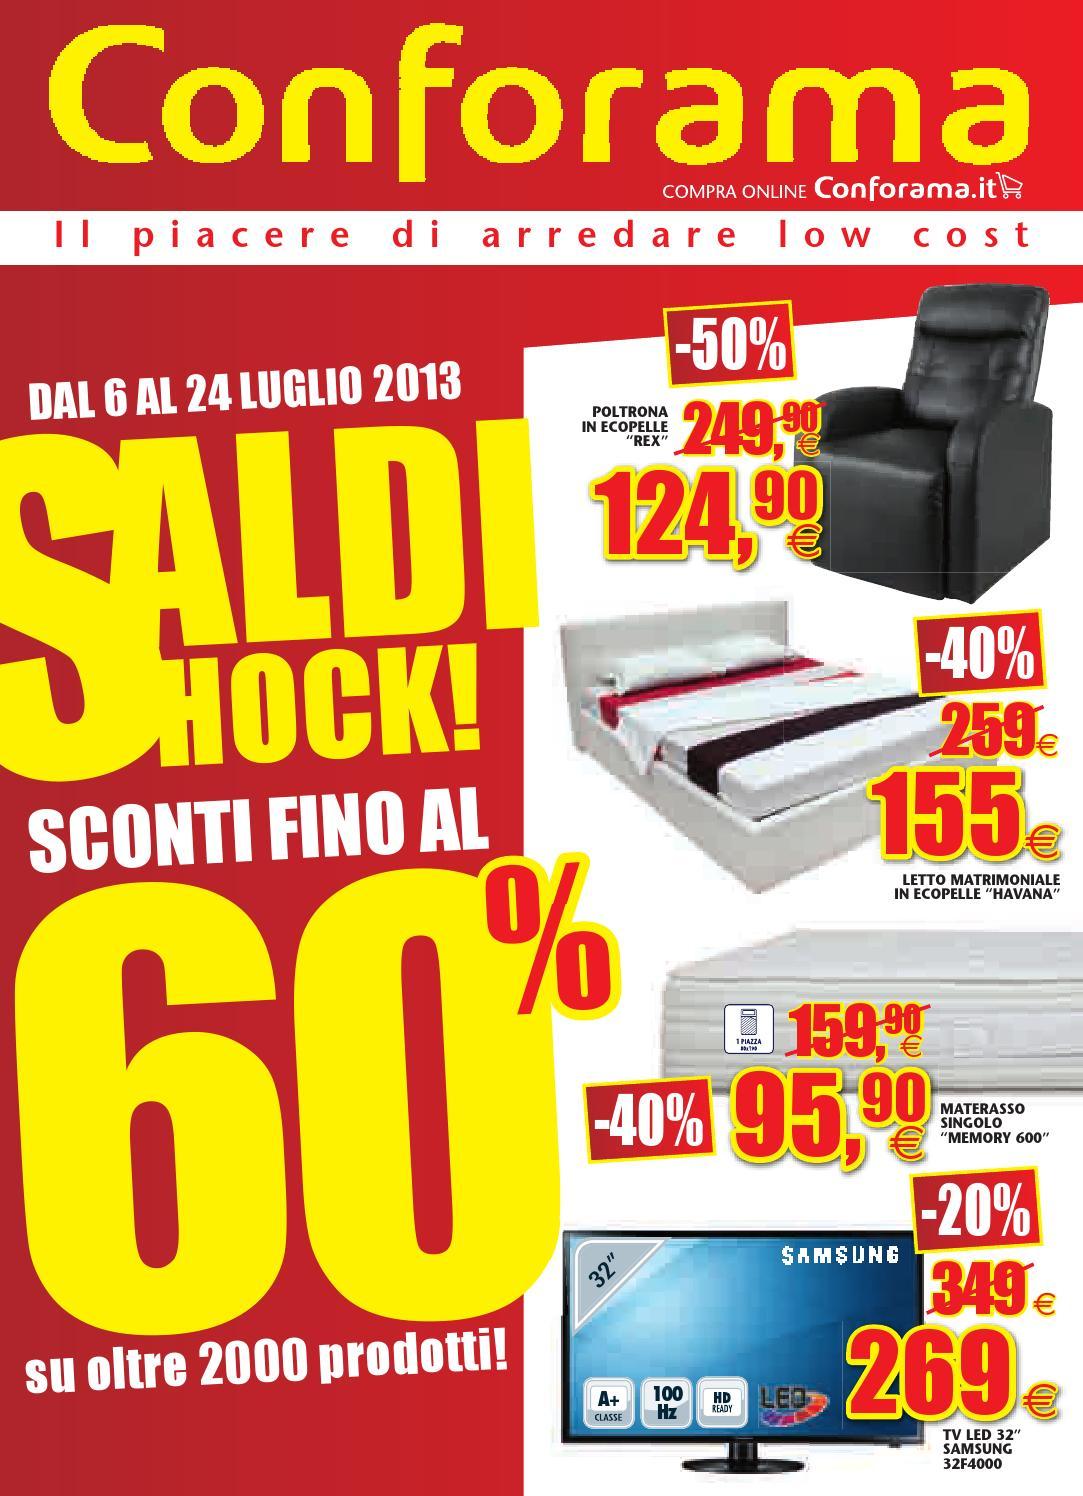 Conforama volantino 6 24 luglio 2013 by catalogopromozioni for Volantino conforama giarre